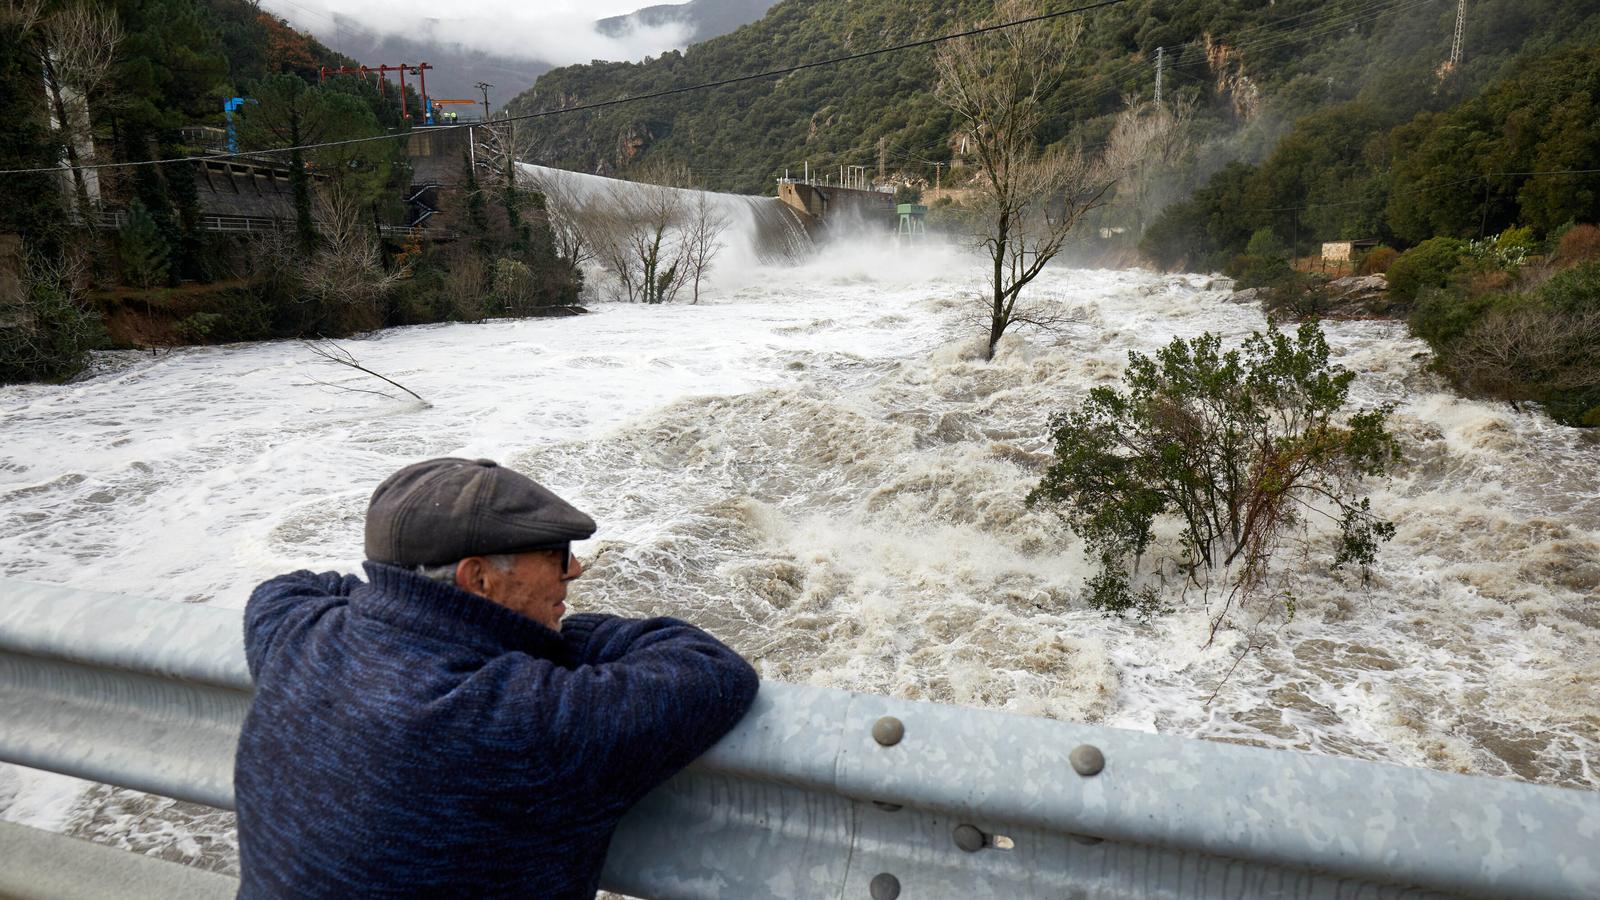 Preocupació per l'aigua que s'acumula als embassaments: el Ter multiplica per 250 el seu cabal a Girona